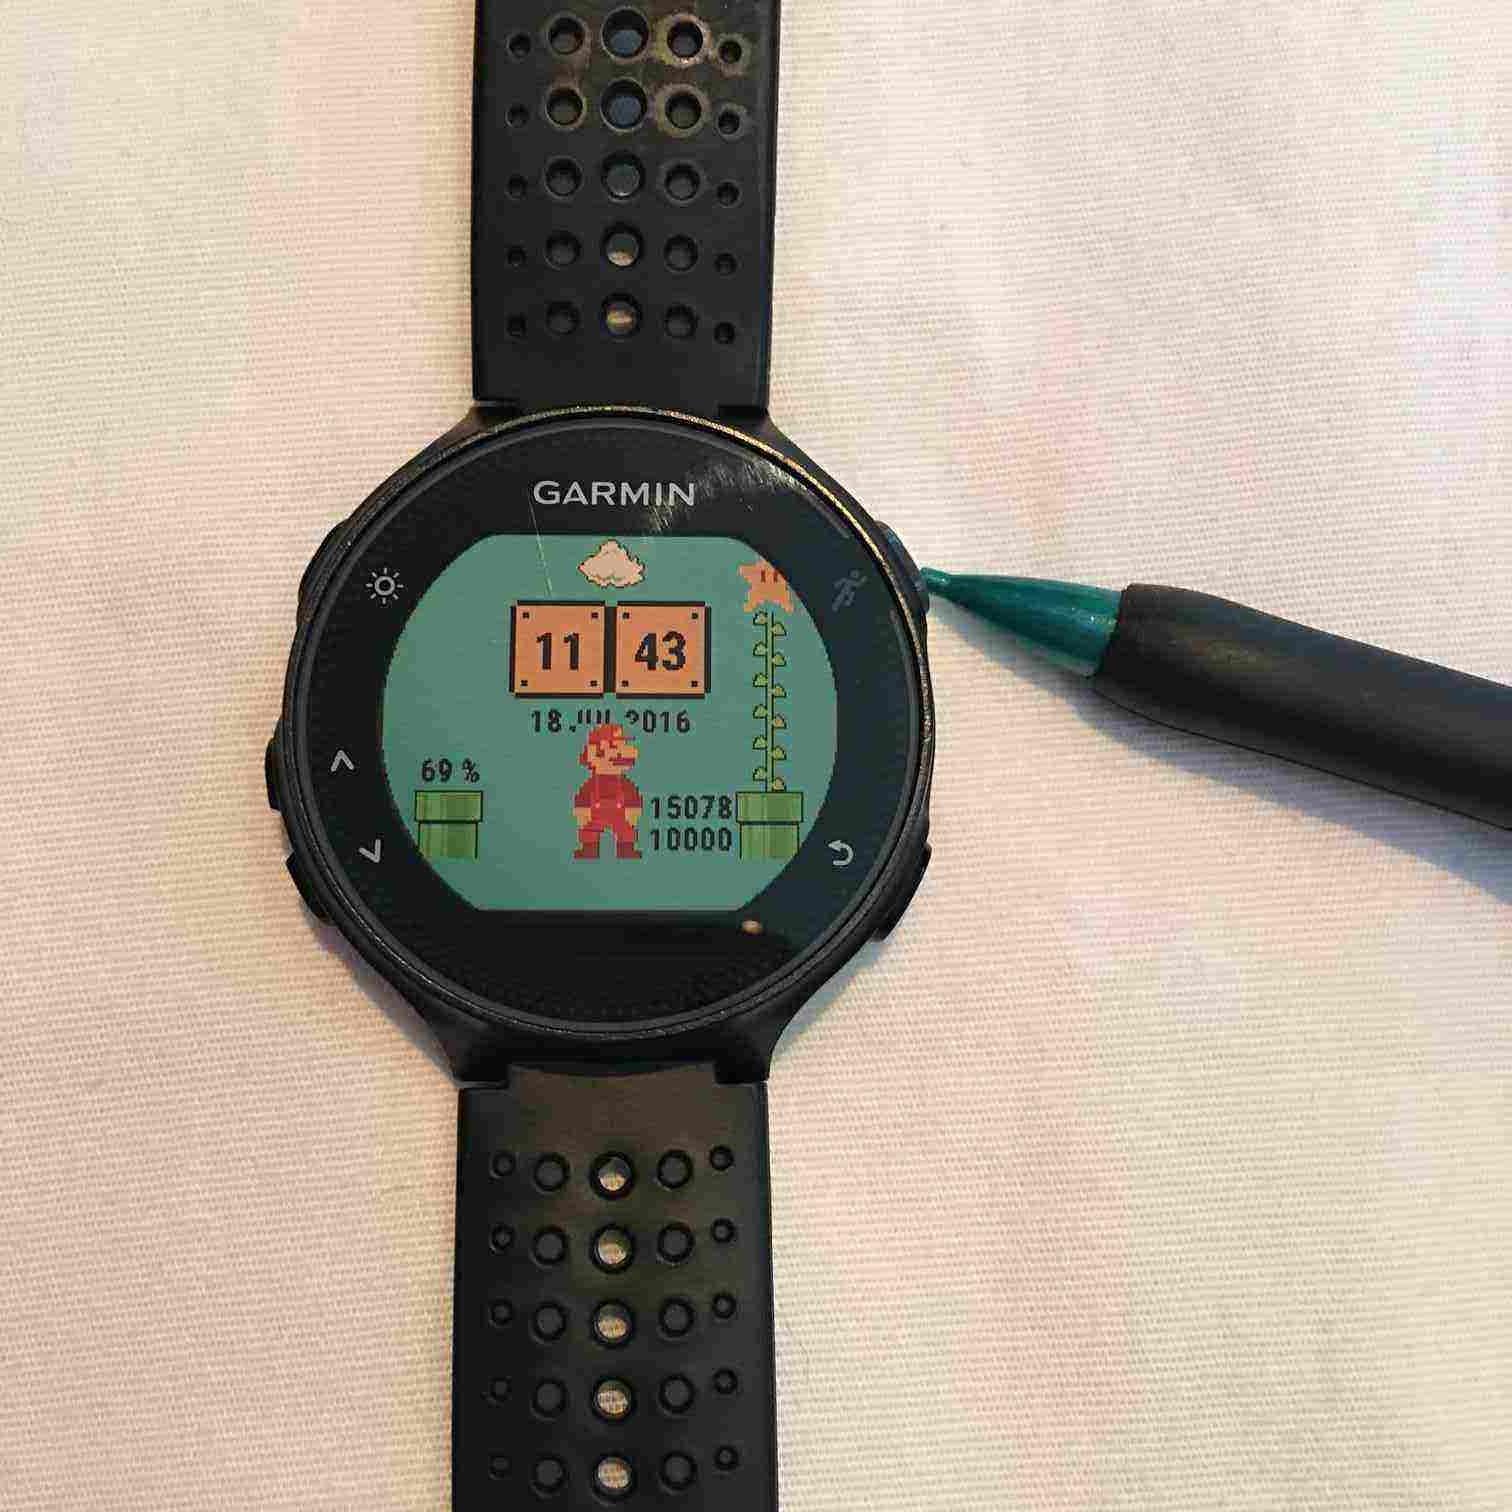 Garmin forerunner® 235 smart watches download instruction.